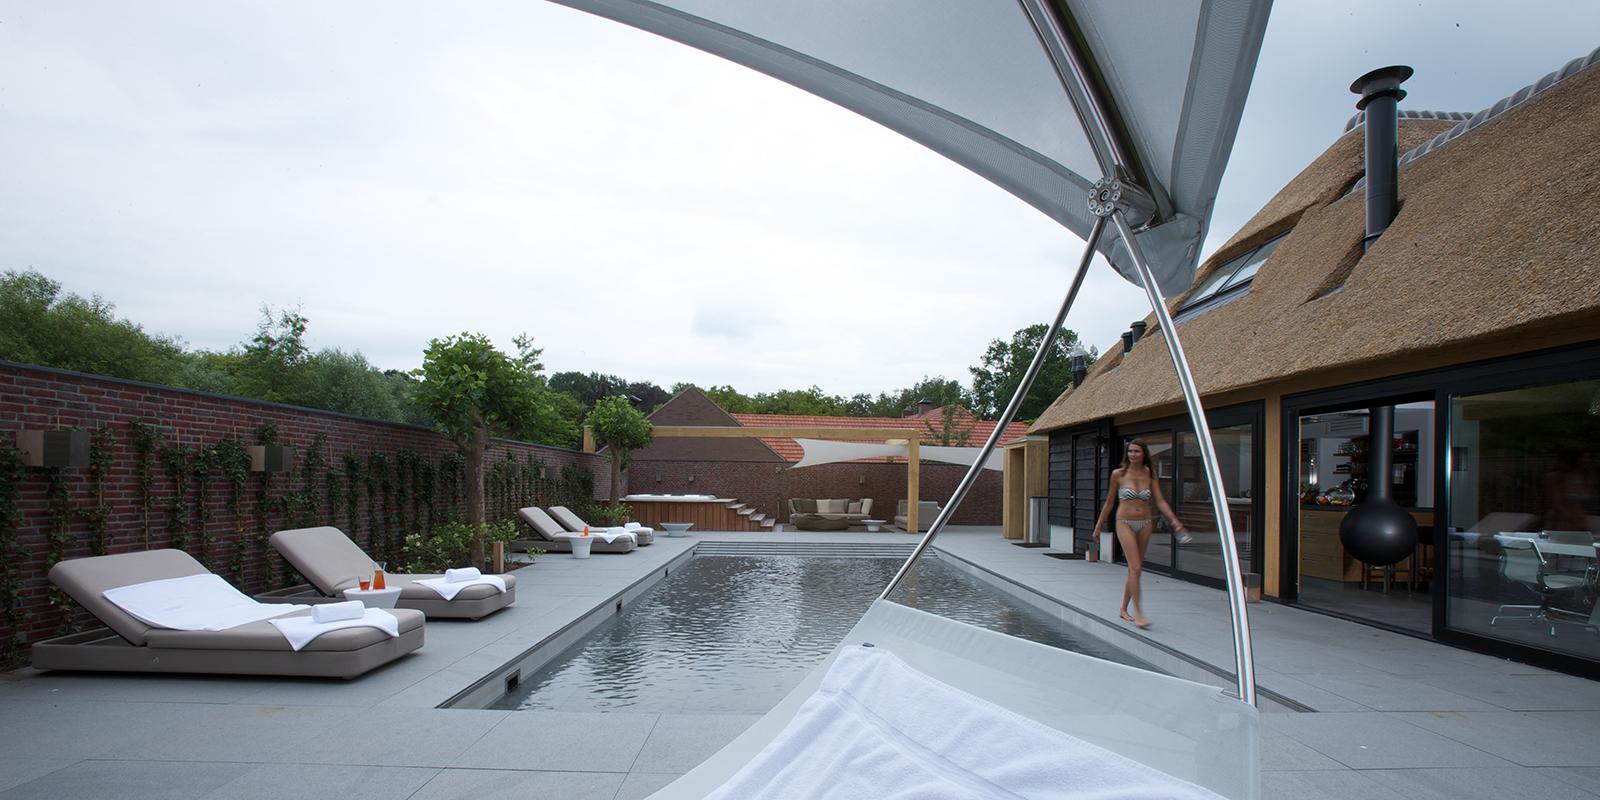 Compass Pools, zwembaden, sauna, wellness, buitenzwembad, luxe baden, the art of living